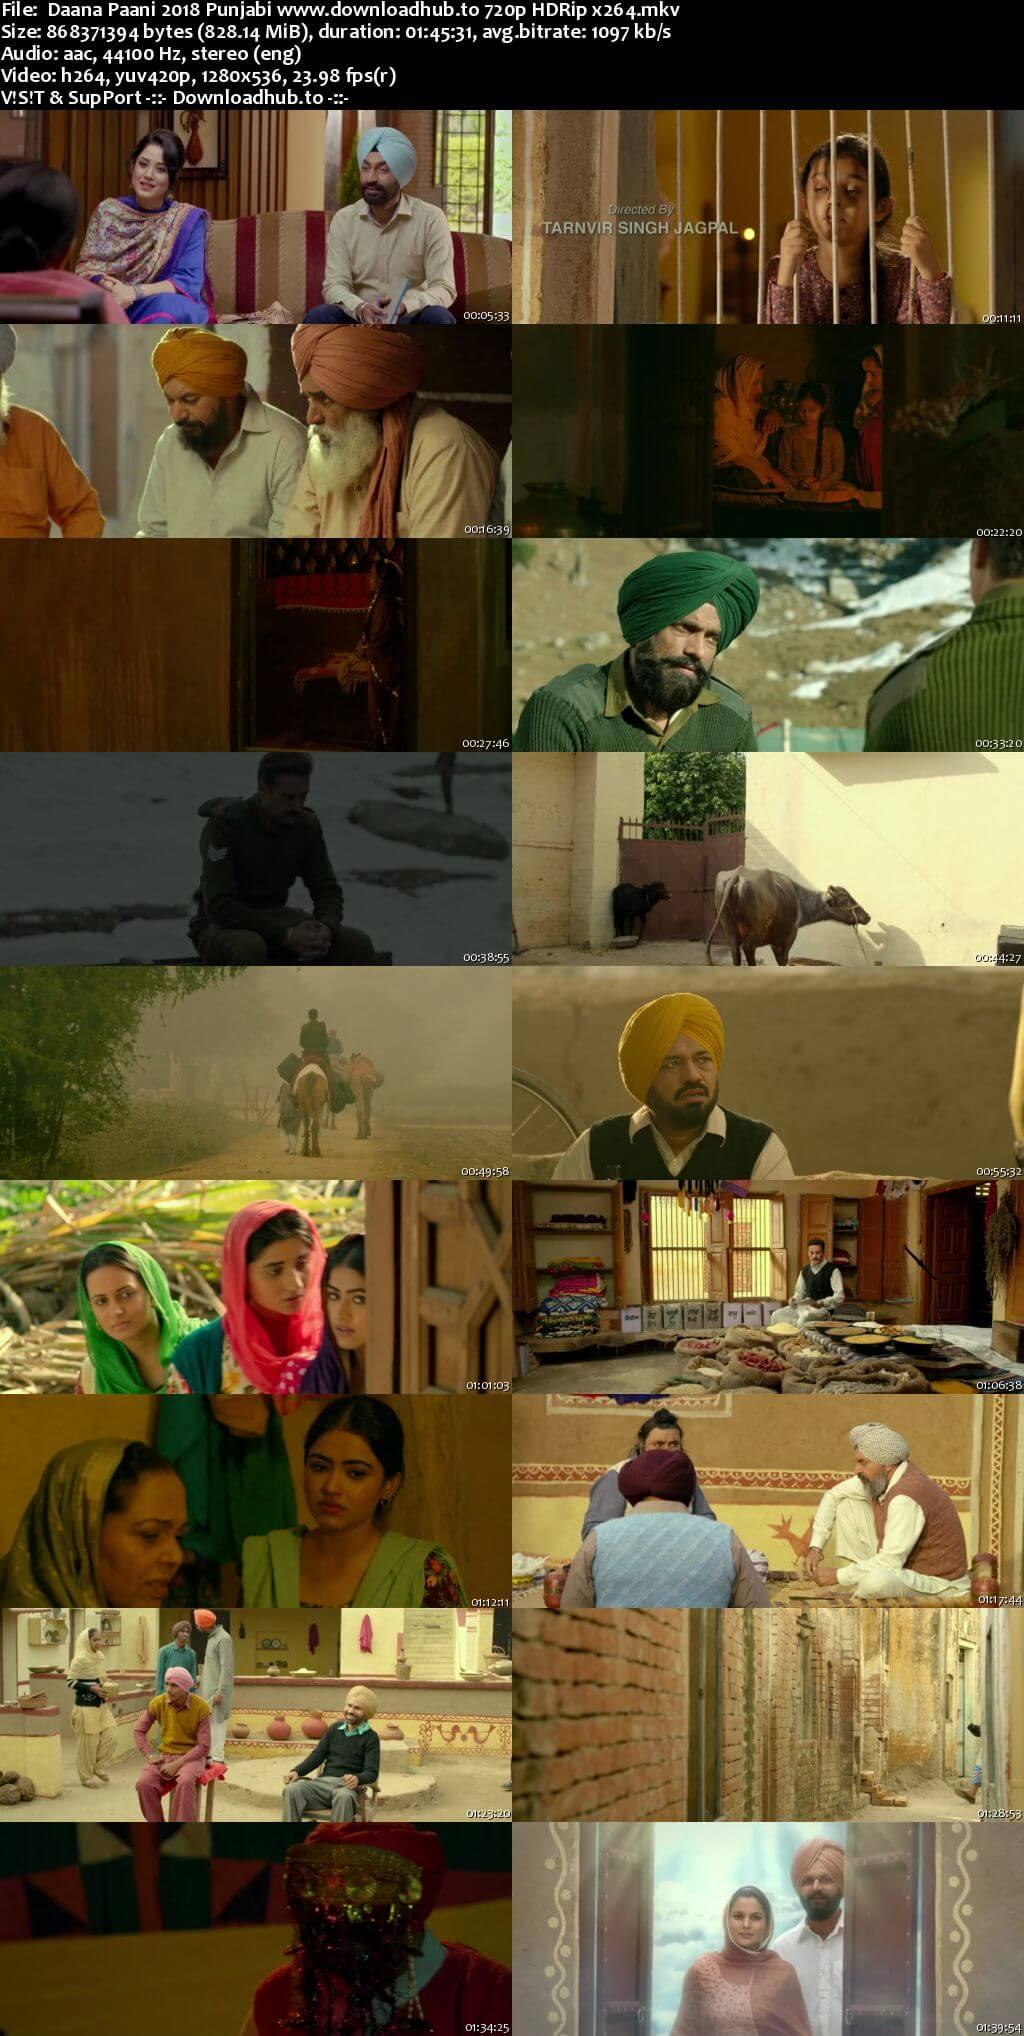 Daana paani punjabi movie download